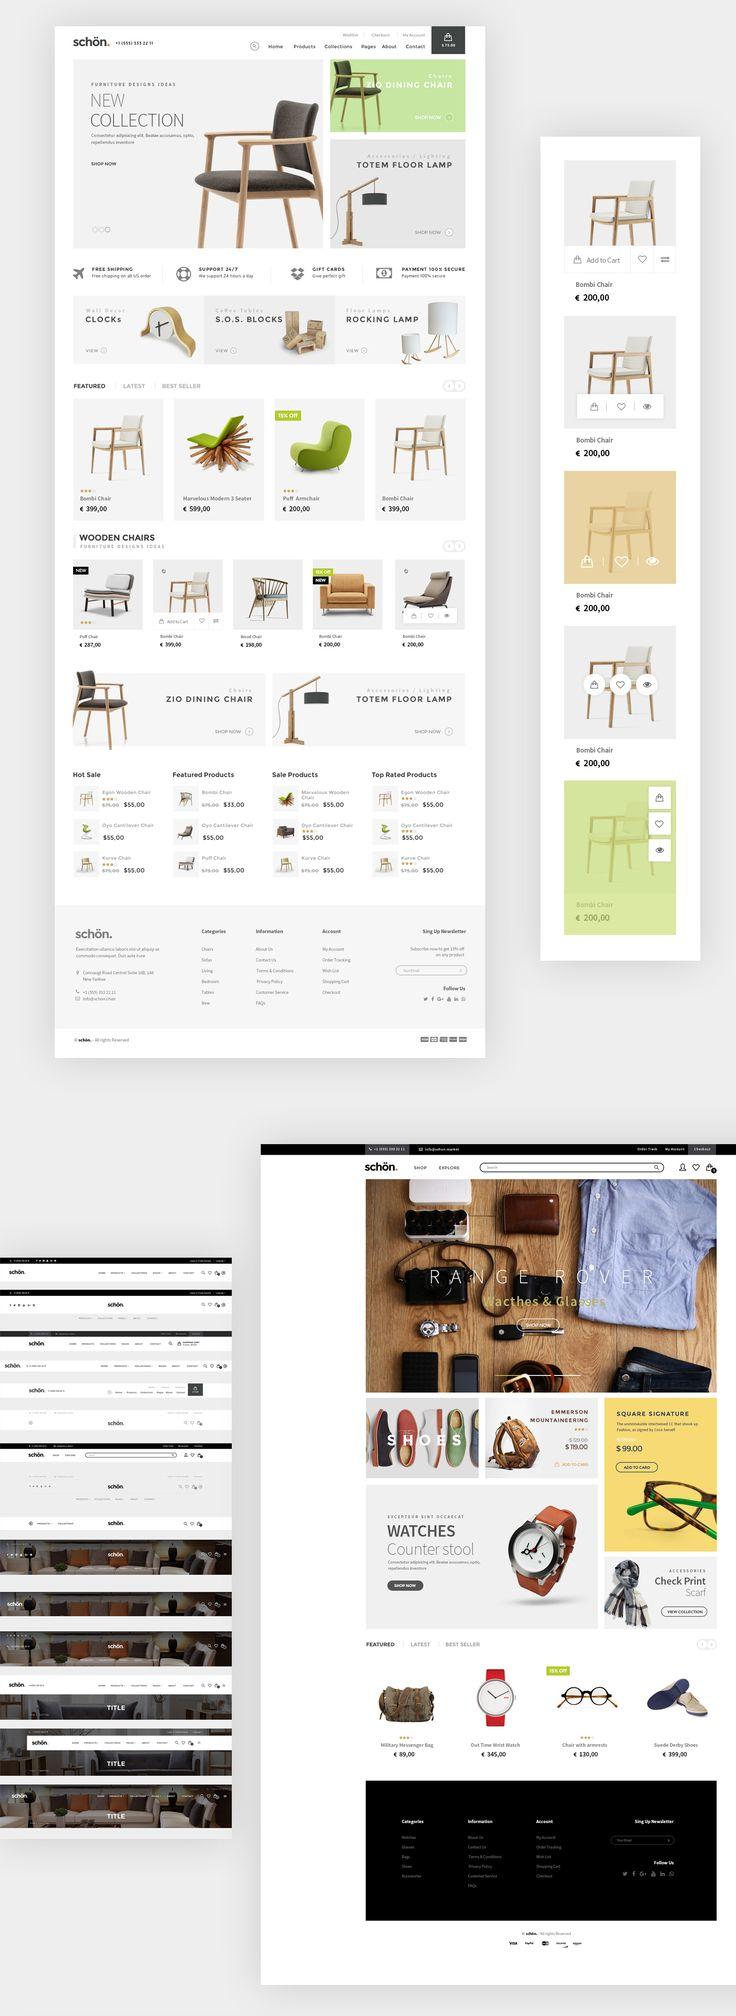 schön. ecommerce psd templateBuy Now!http://themeforest.net/item/schn-ecommerce-psd-template/15449163?ref=imetin